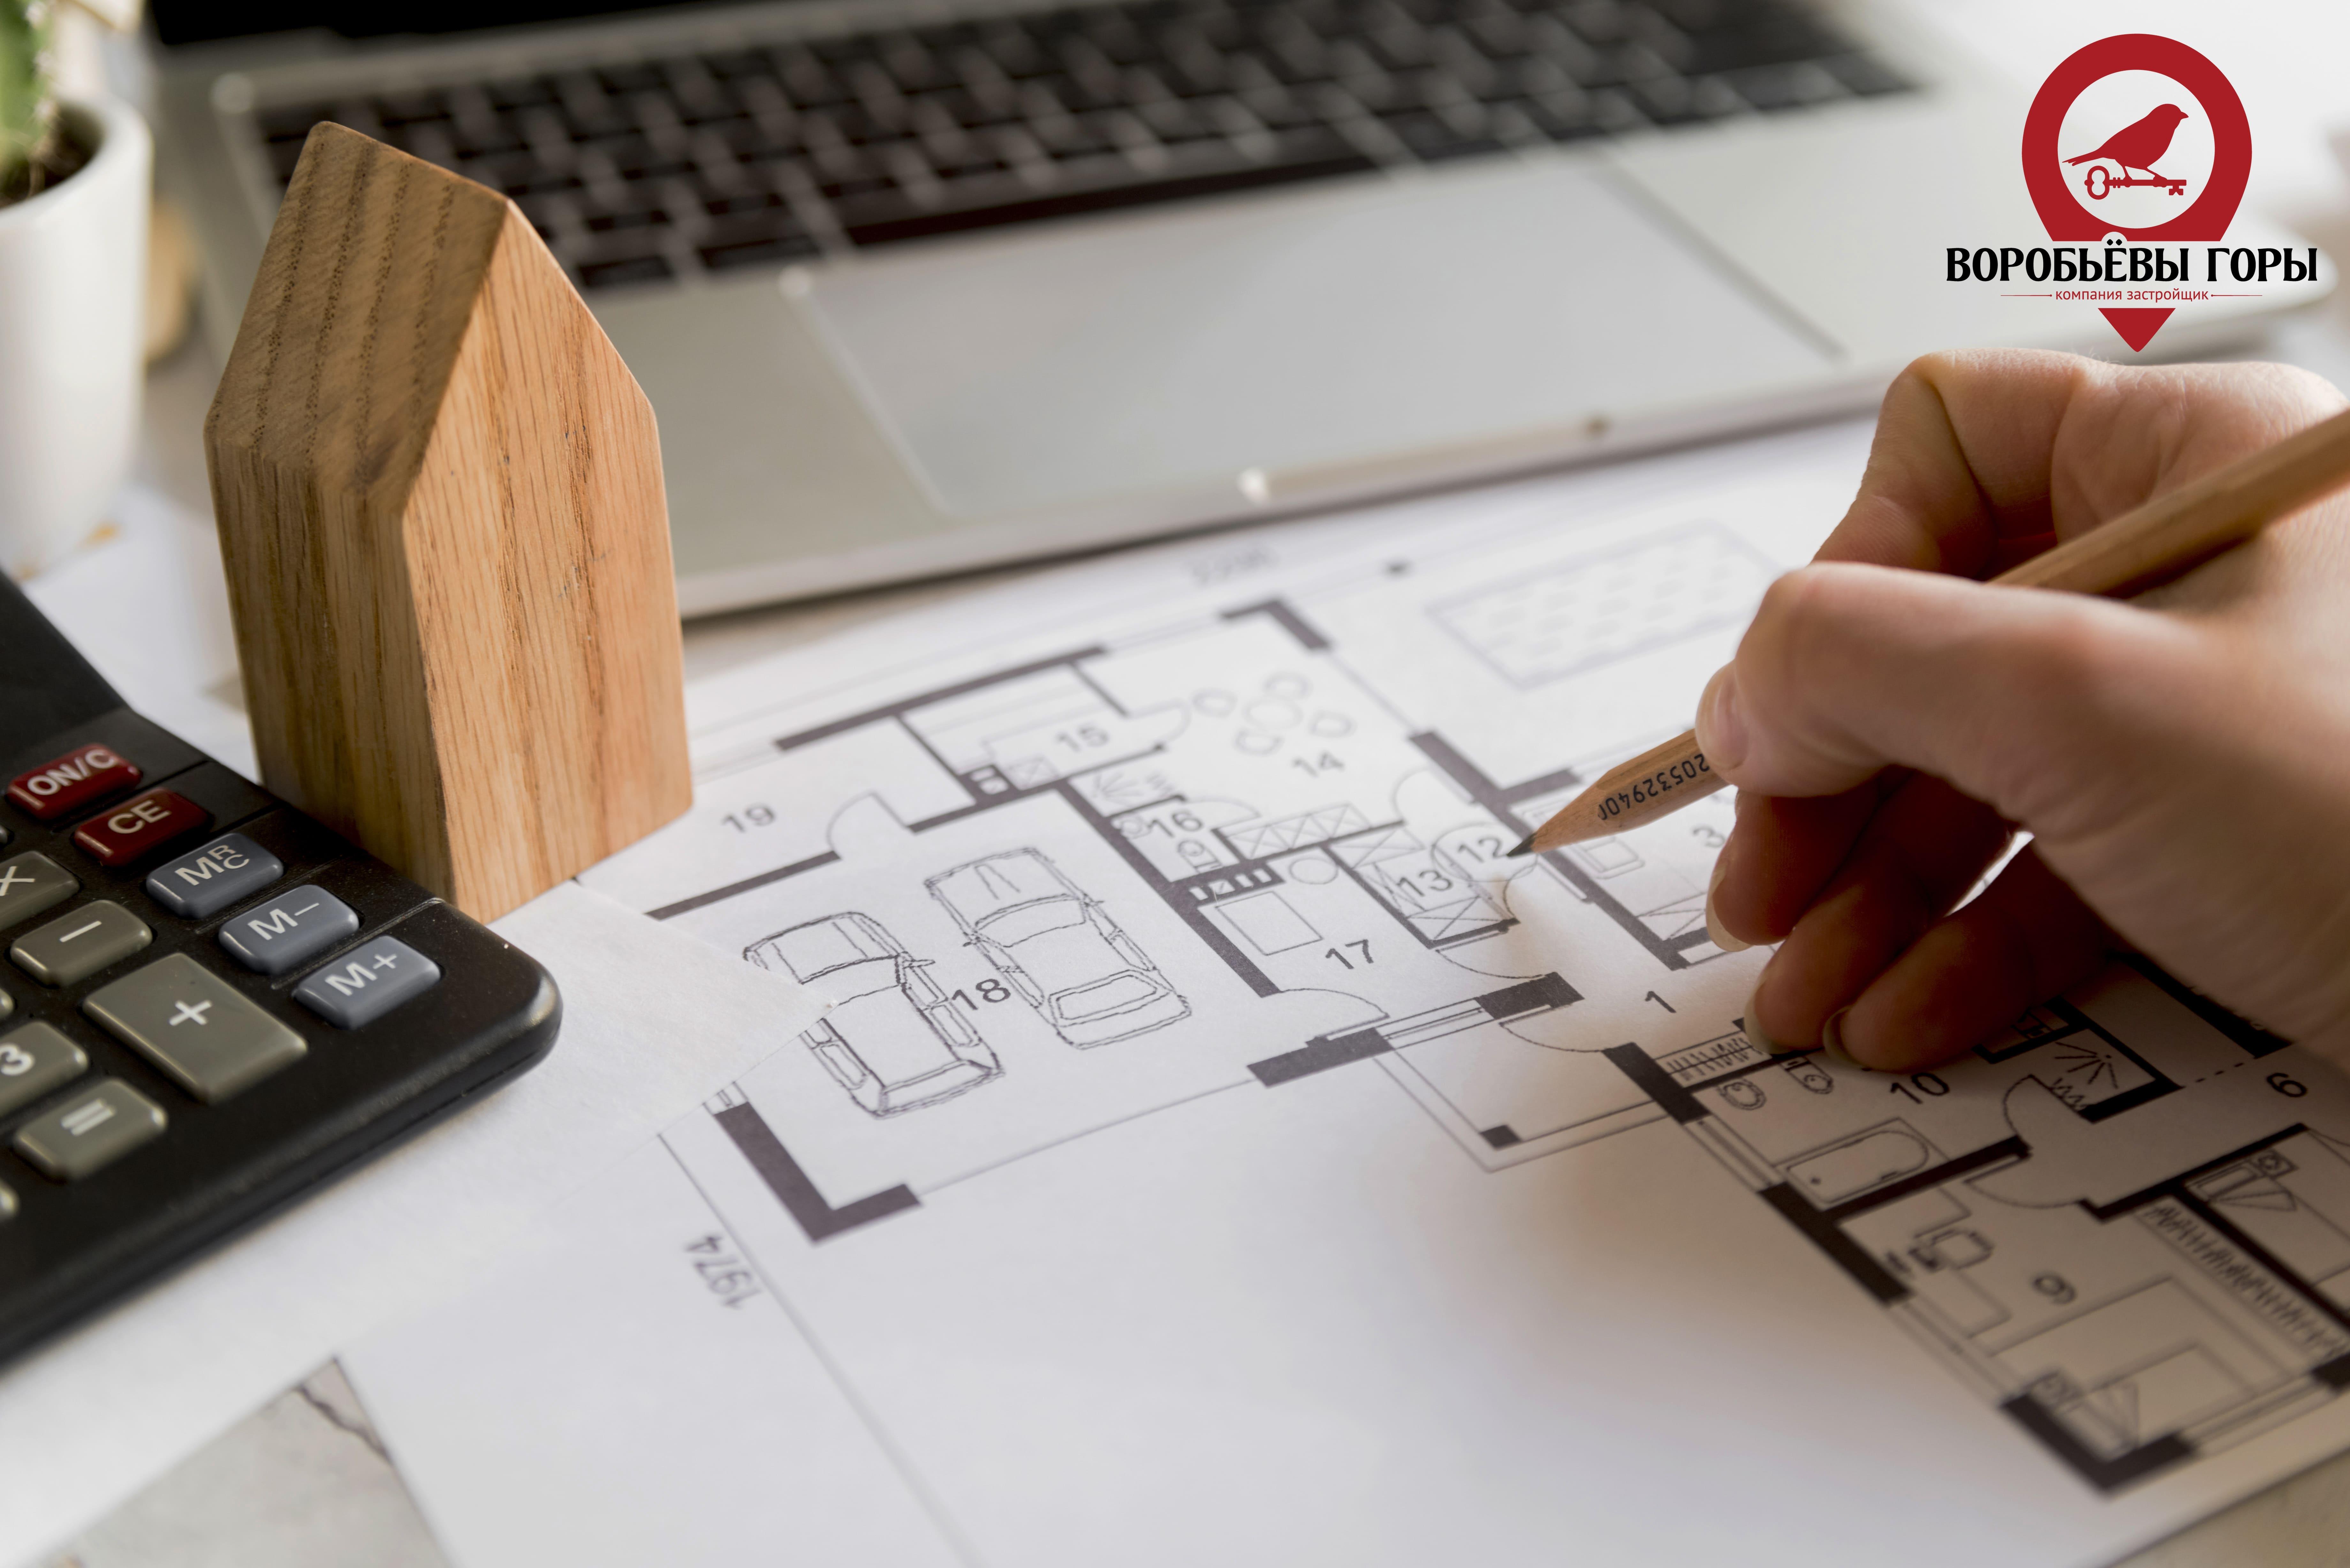 Особенности планировки трехкомнатной квартиры от застройщика